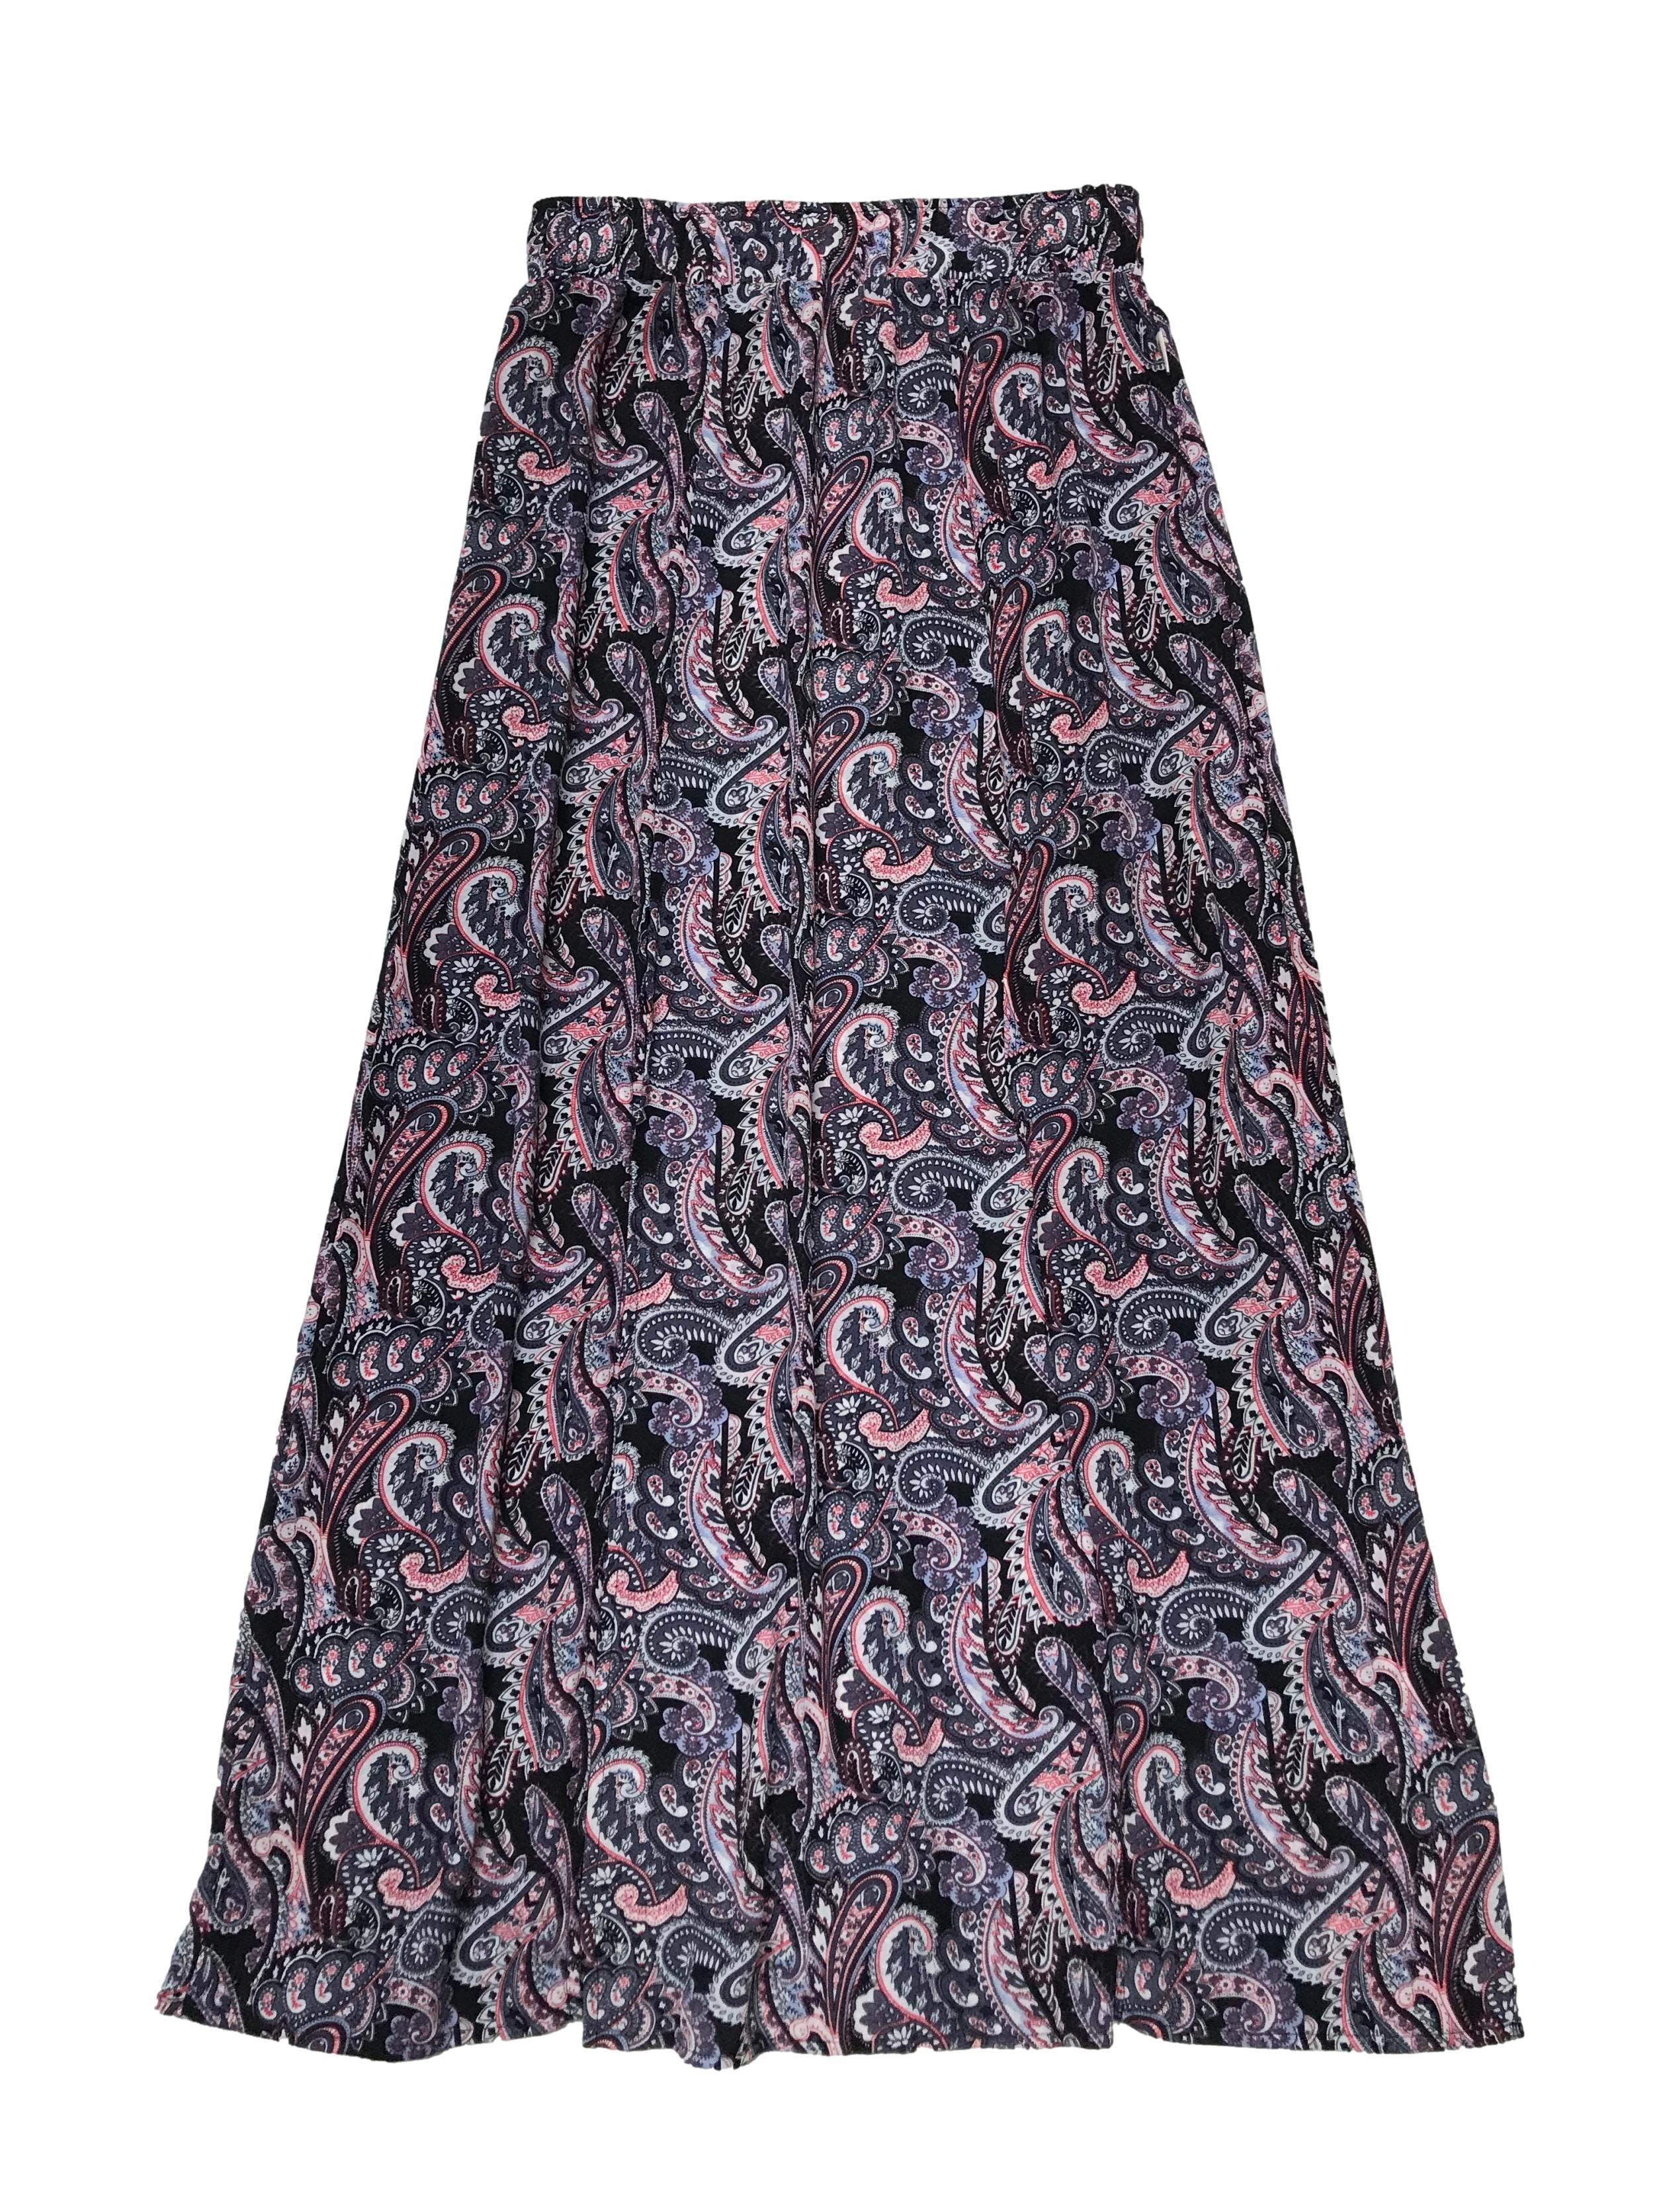 Falda larga Scombro, de gasa con estampado paisley, pretina ancha elástica y dos aberturas delanteras. Cintura 72cm sin estirar Largo 100cm